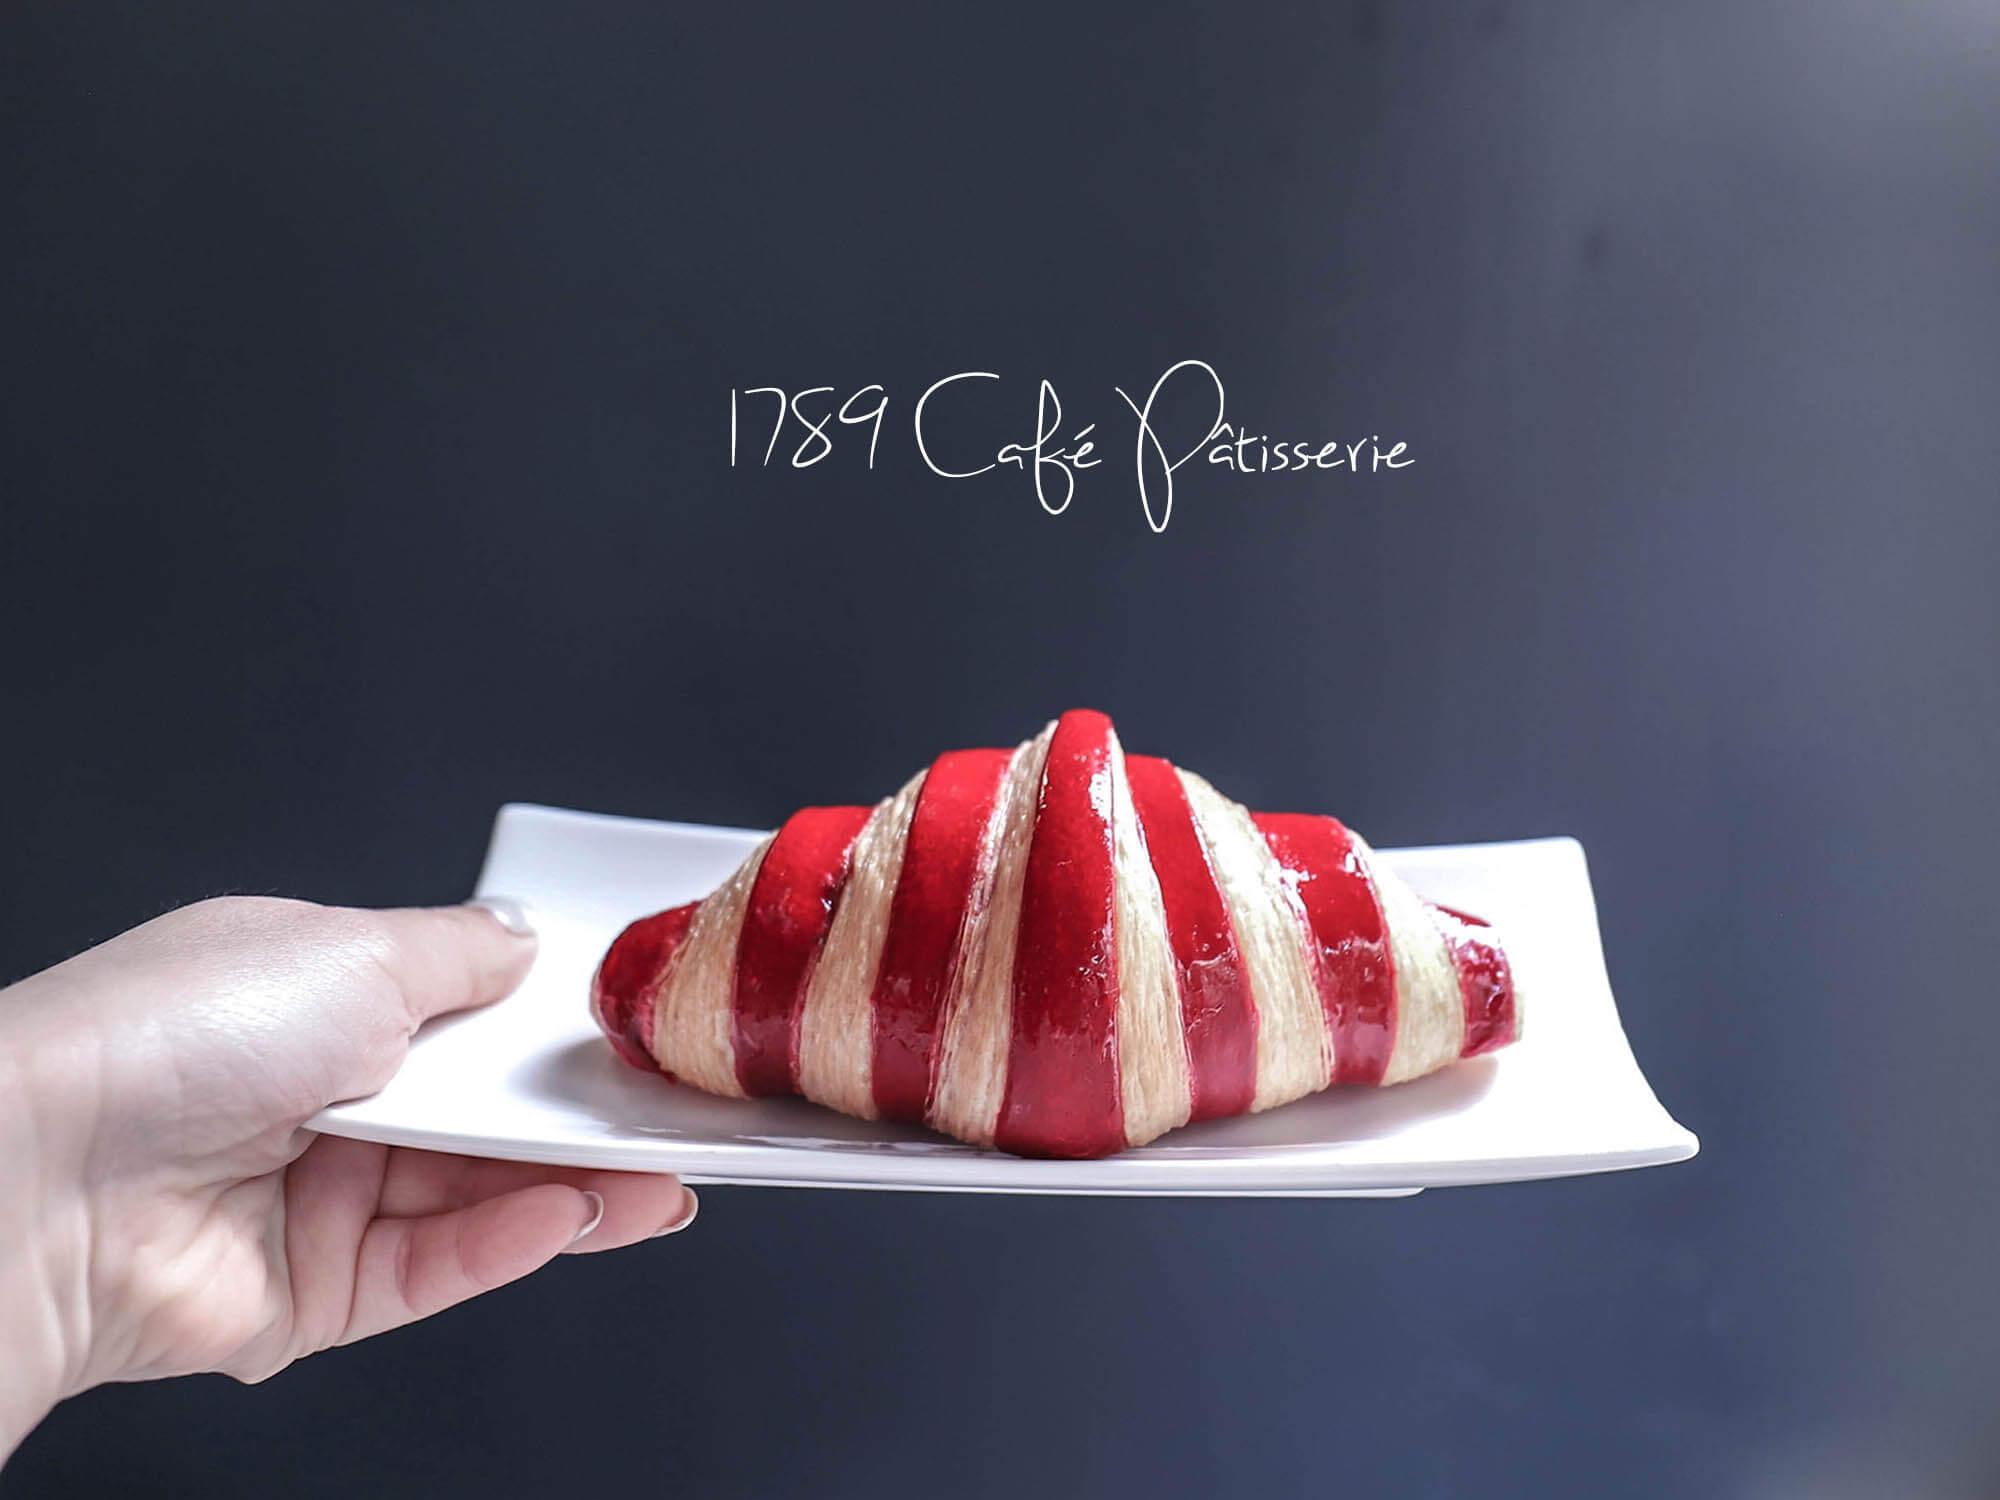 東區甜點下午茶|來自法國的手作甜點,閃電泡芙&法式千層1789 Café Pâtisserie, by Cyrille Courant,結合當季食材揉出創意口味